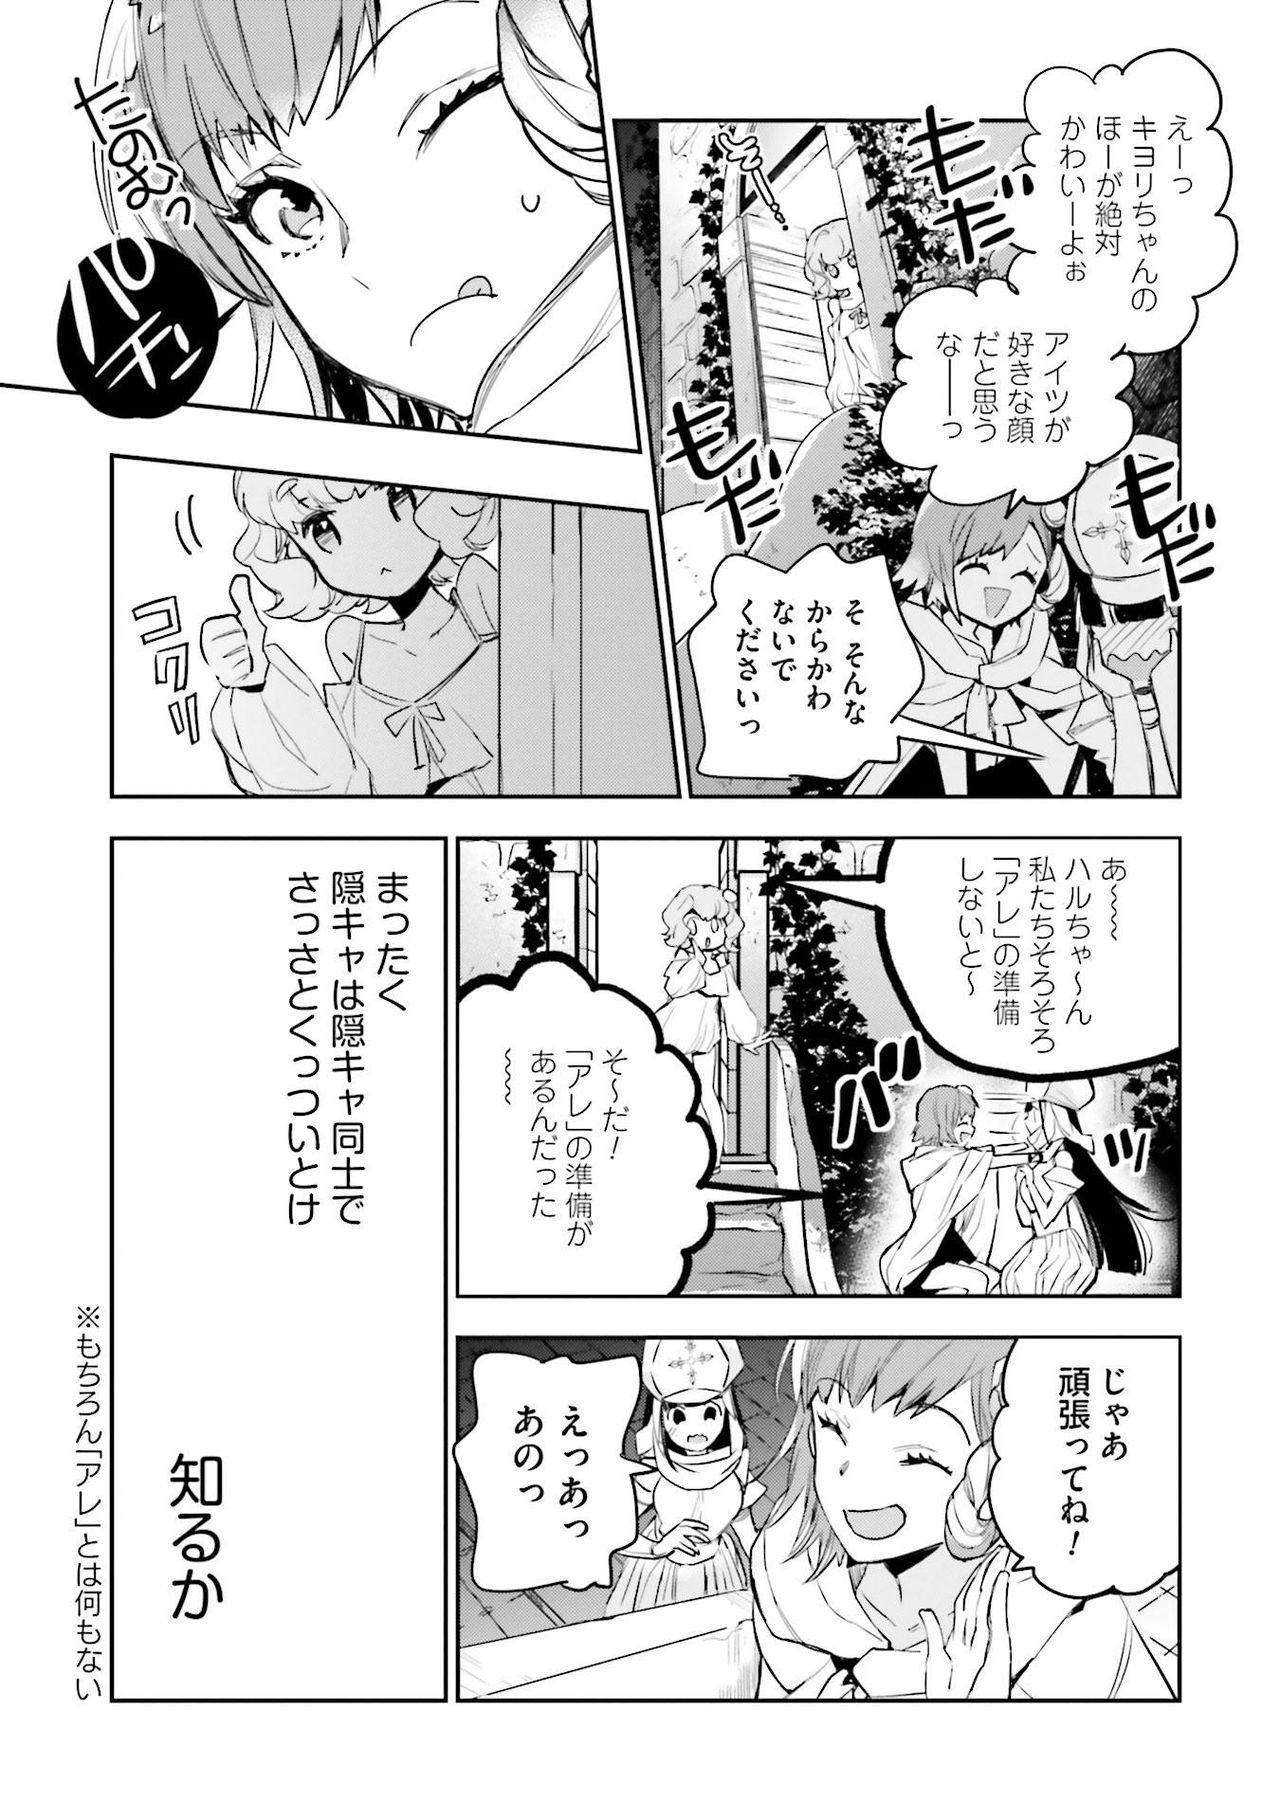 JK Haru wa Isekai de Shoufu ni Natta 1-14 209